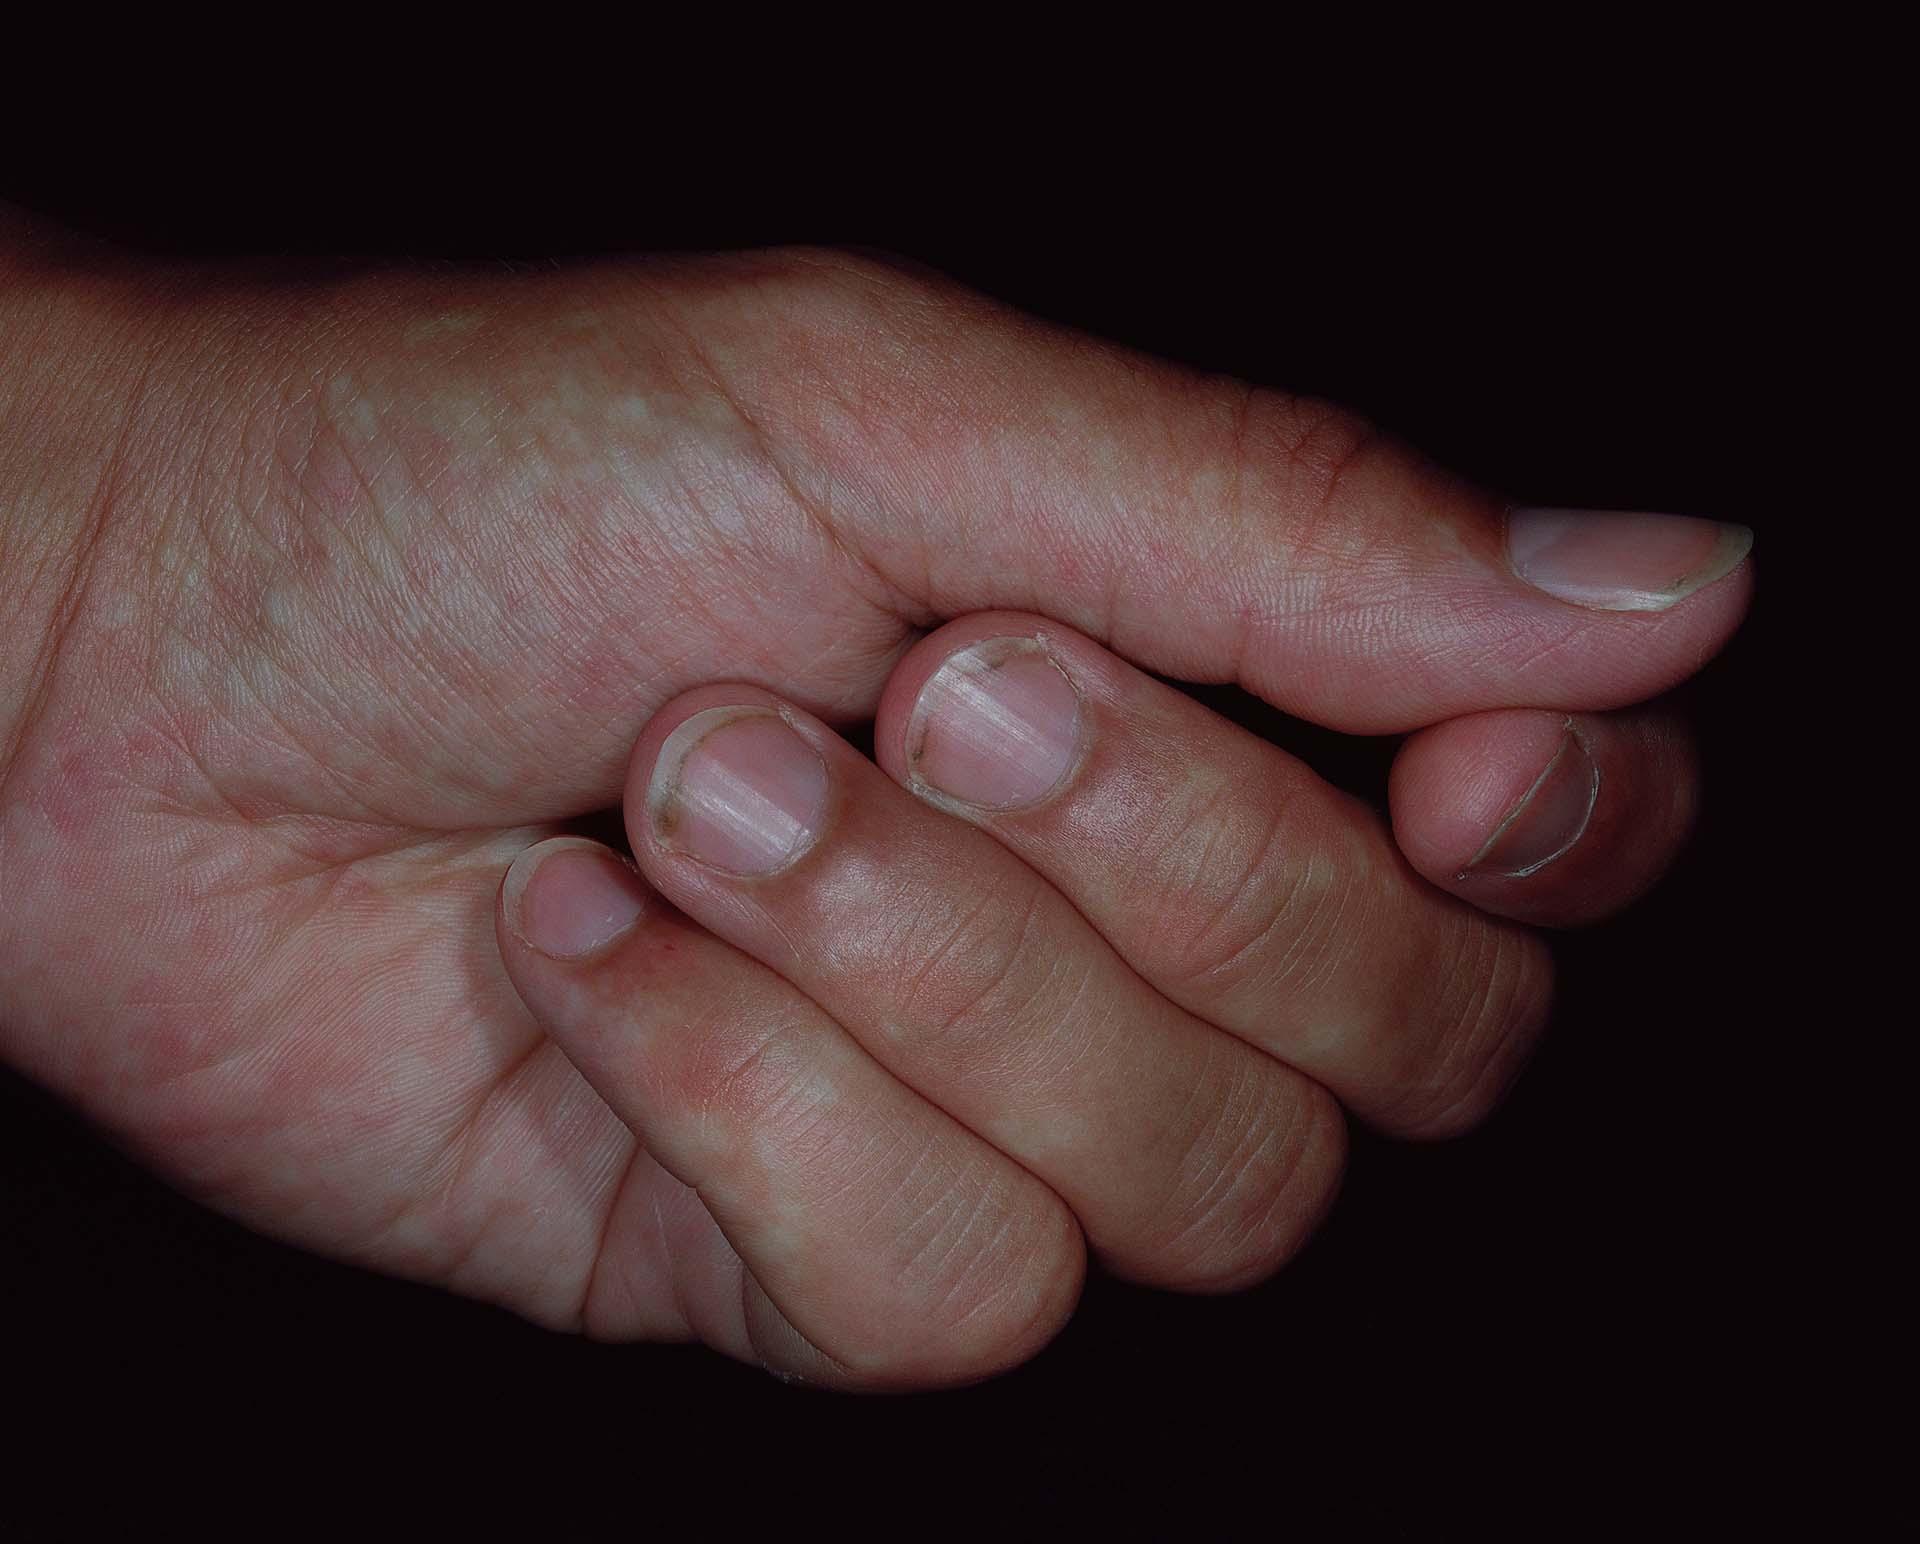 Simon_Berg_07_006_06_kycklingklubba 30x24.jpg